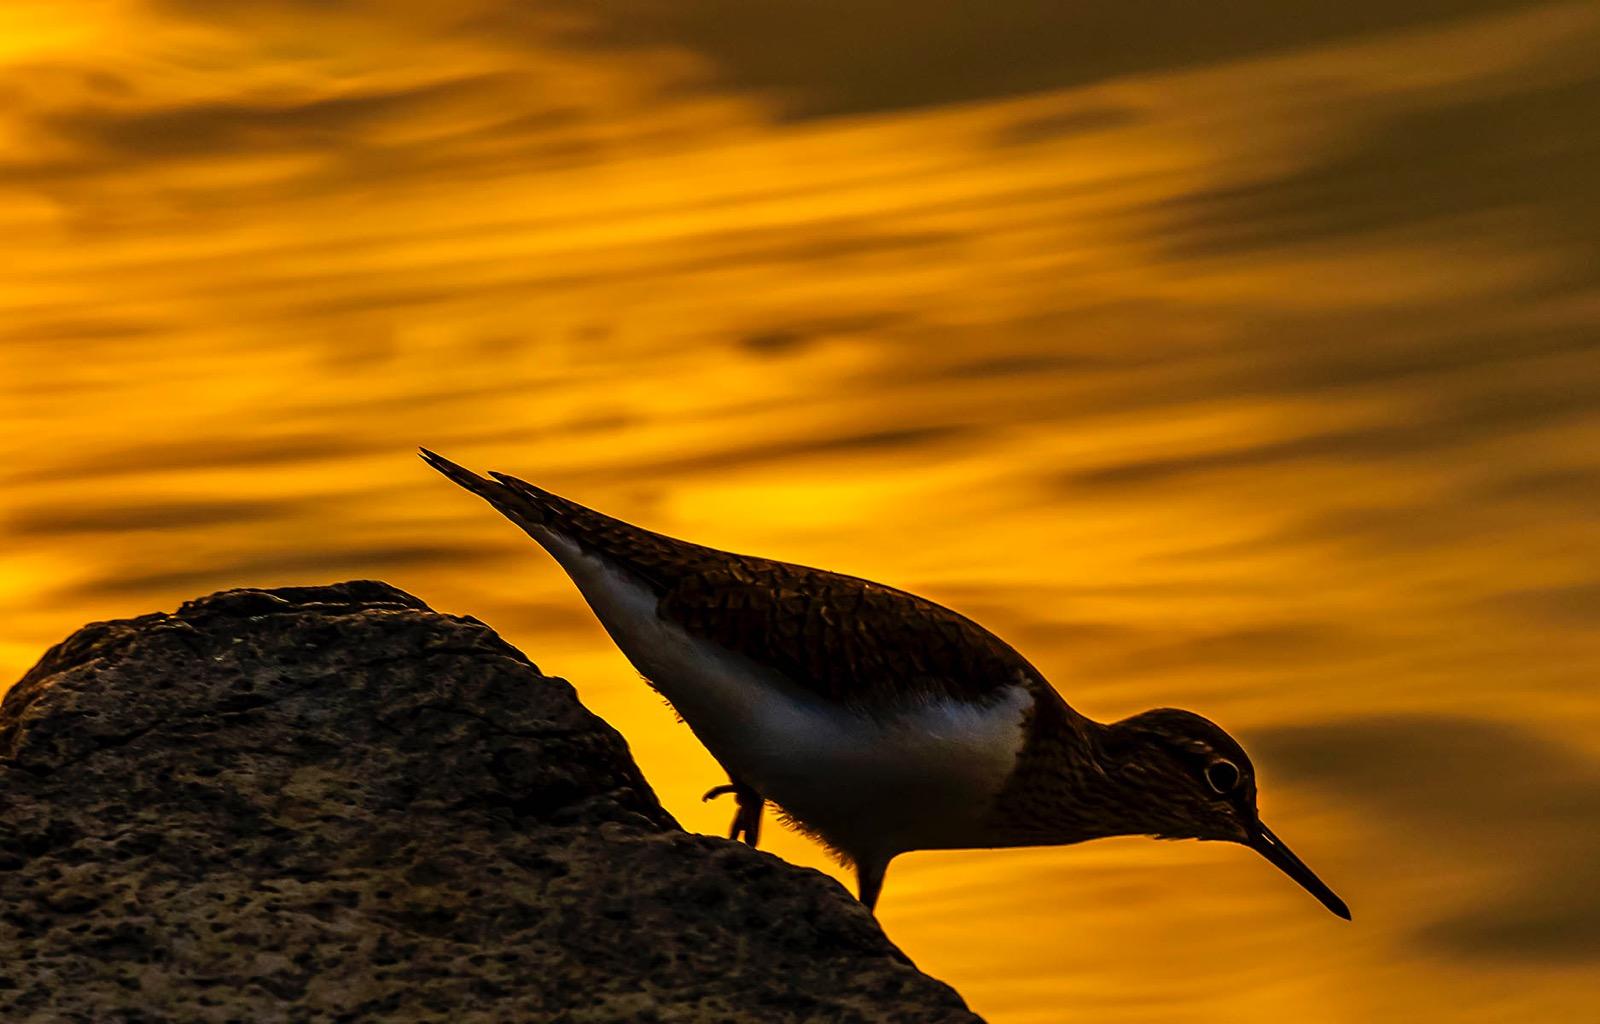 Sunset Vaya lake Burgas Bulgaria captured on Nikon Sigma Len